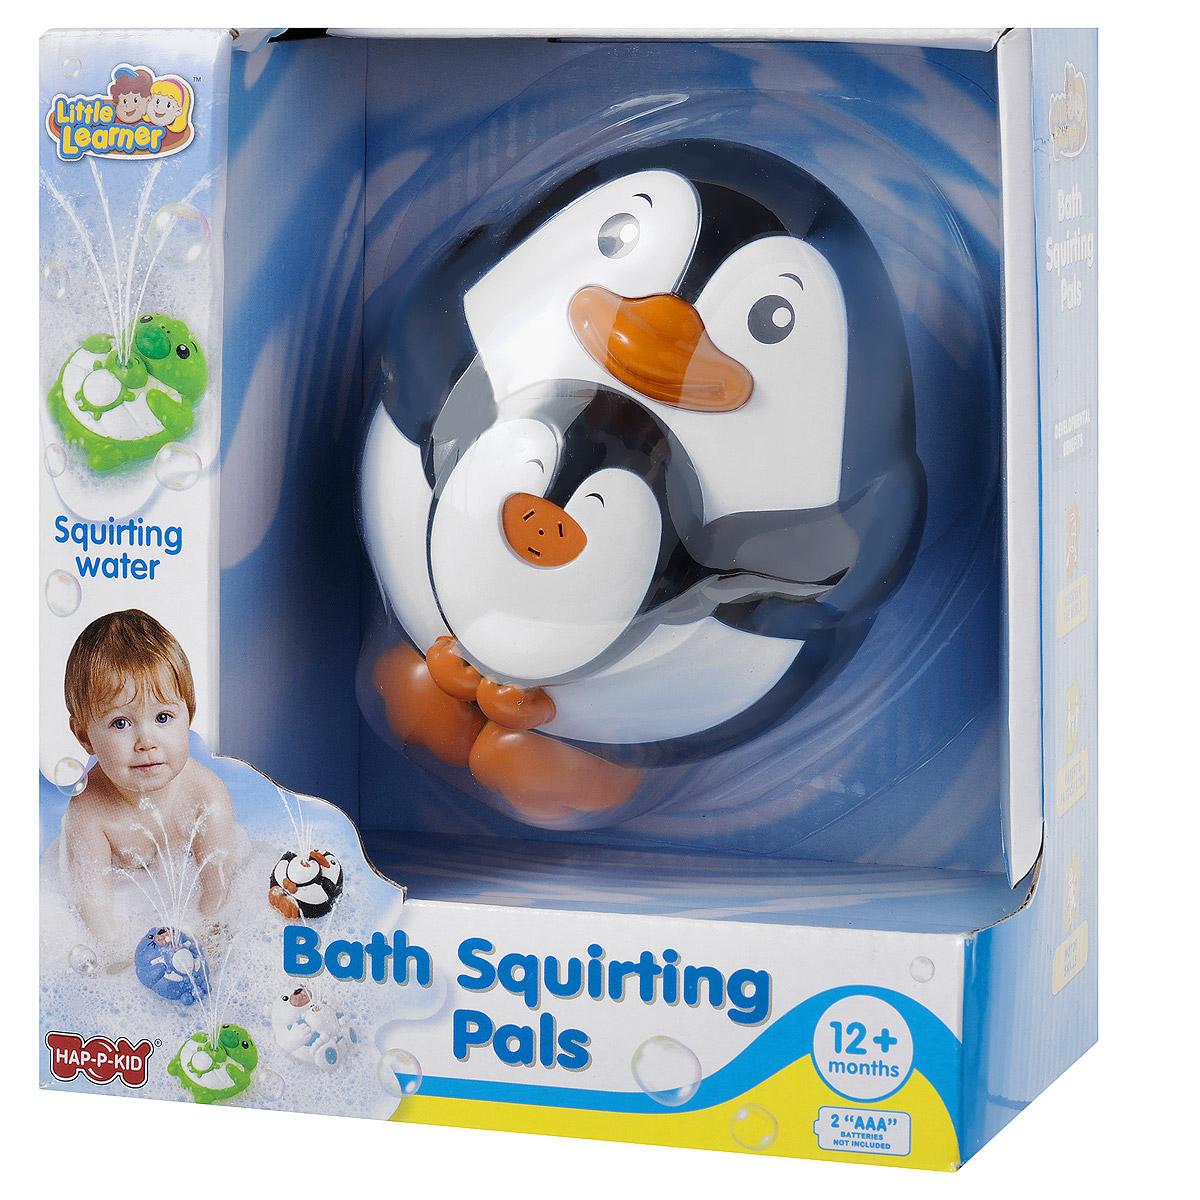 Happy Kid Игрушка для ванной Пингвиненок4307Игрушка для ванной Happy Kid Пингвиненок привлечет внимание вашего малыша и превратит купание в веселую игру! Игрушка выполнена из пластика черного, белого и оранжевого цветов в виде забавного пингвинчика с детенышем. Игрушка отлично держится на воде и может плавать в ванной, не боясь шампуней и погружений под воду. При нажатии на нос пингвинчика игрушка выпускает фонтанчик воды. Эта яркая великолепная игрушка поможет ребенку в игровой форме развить цветовое и звуковое восприятие, причинно-следственные связи и мелкую моторику рук. Для работы игрушки необходимы 2 батарейки типа ААА (не входят в комплект).